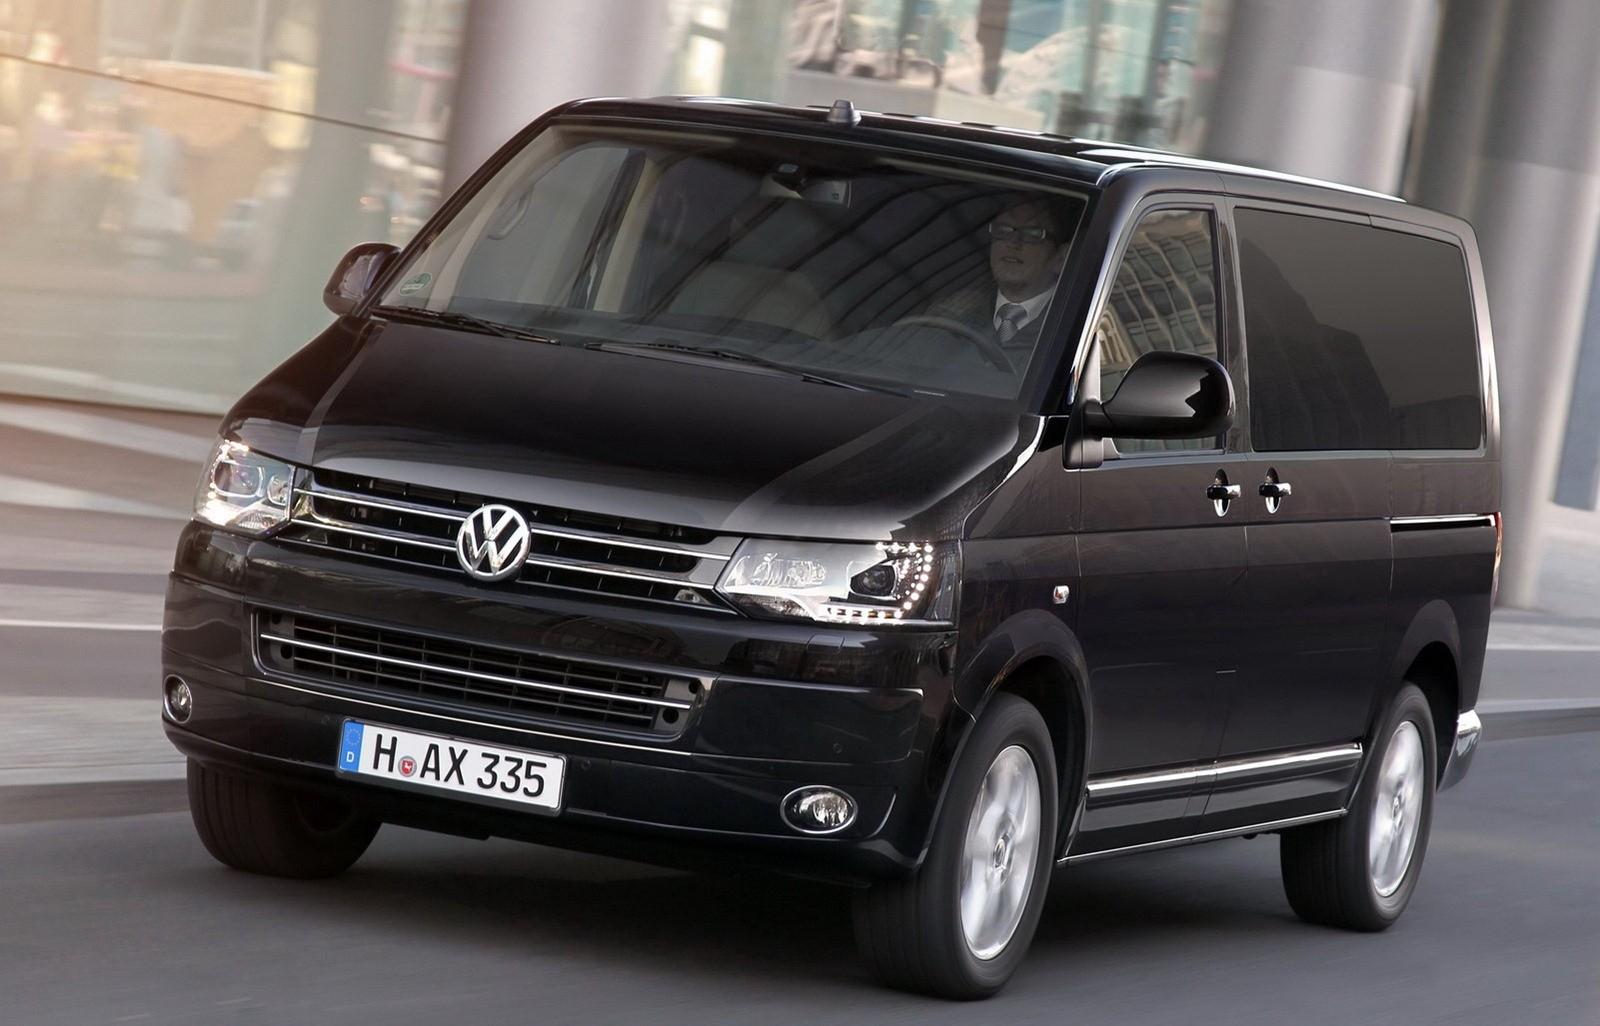 Volkswagen выпустил коммерческие автомобили Caravelle и Caddy с новыми моторами